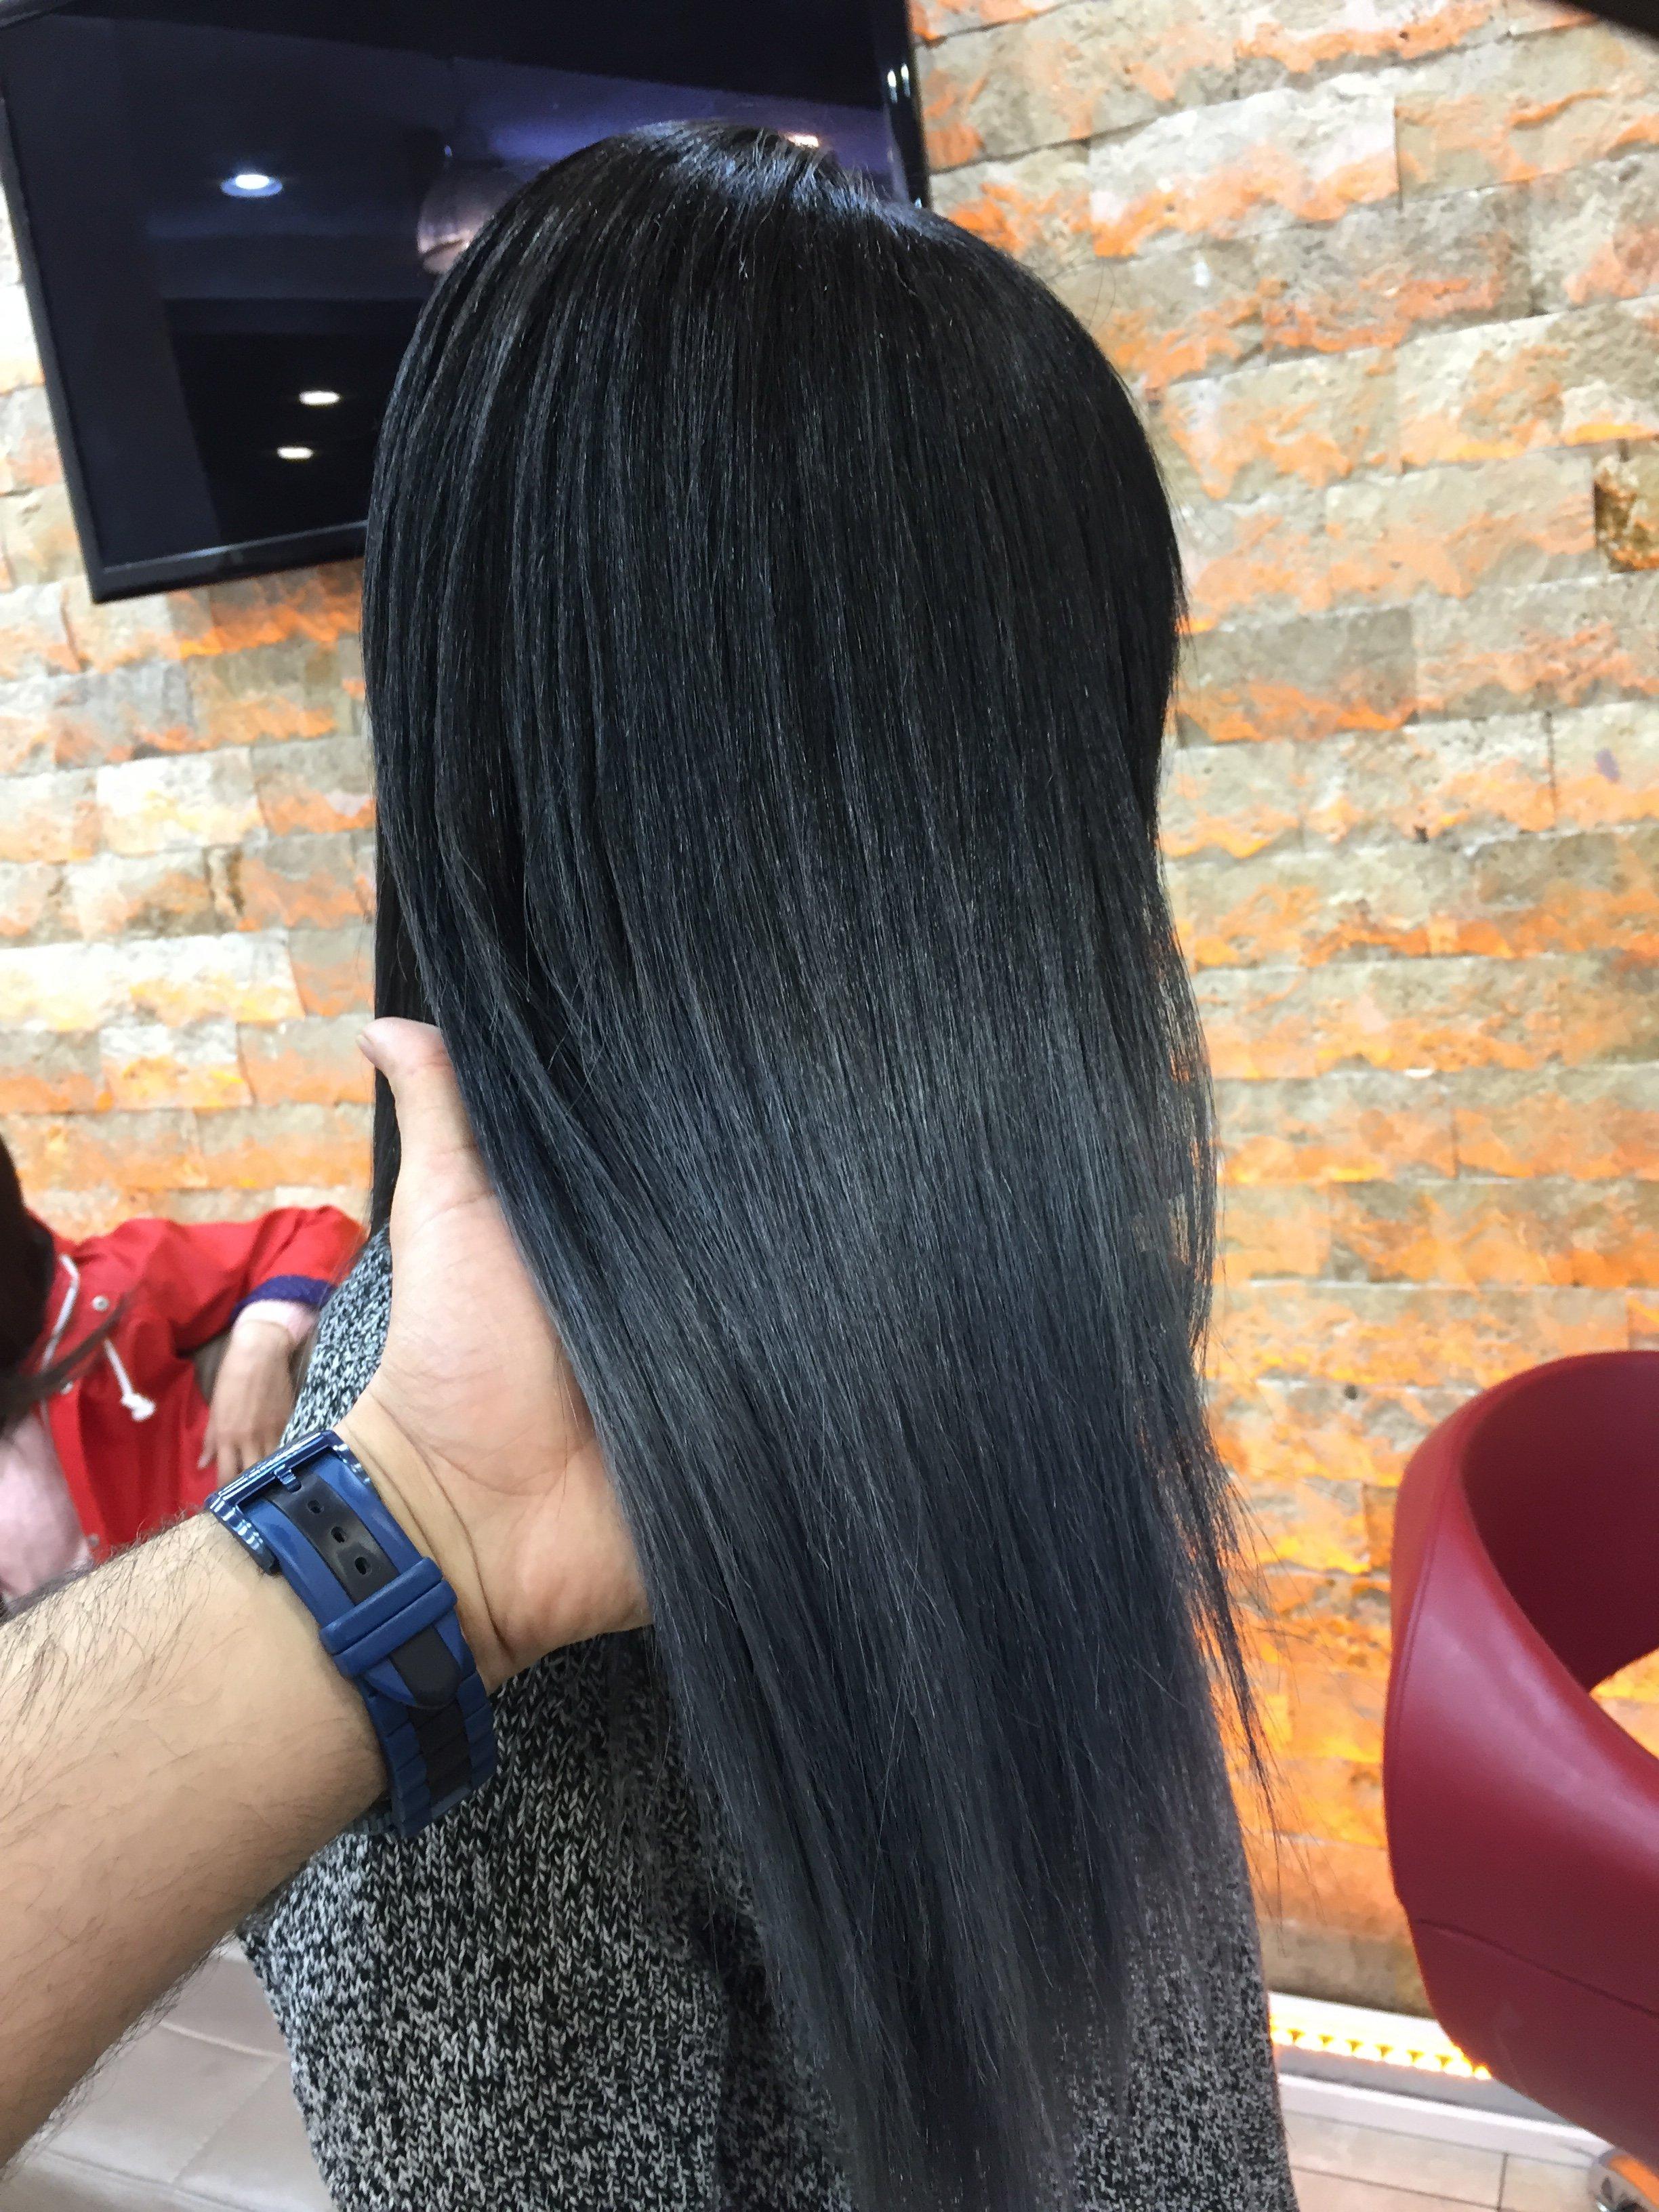 İnce Saçlara Nasıl Hacim Kazandırılır